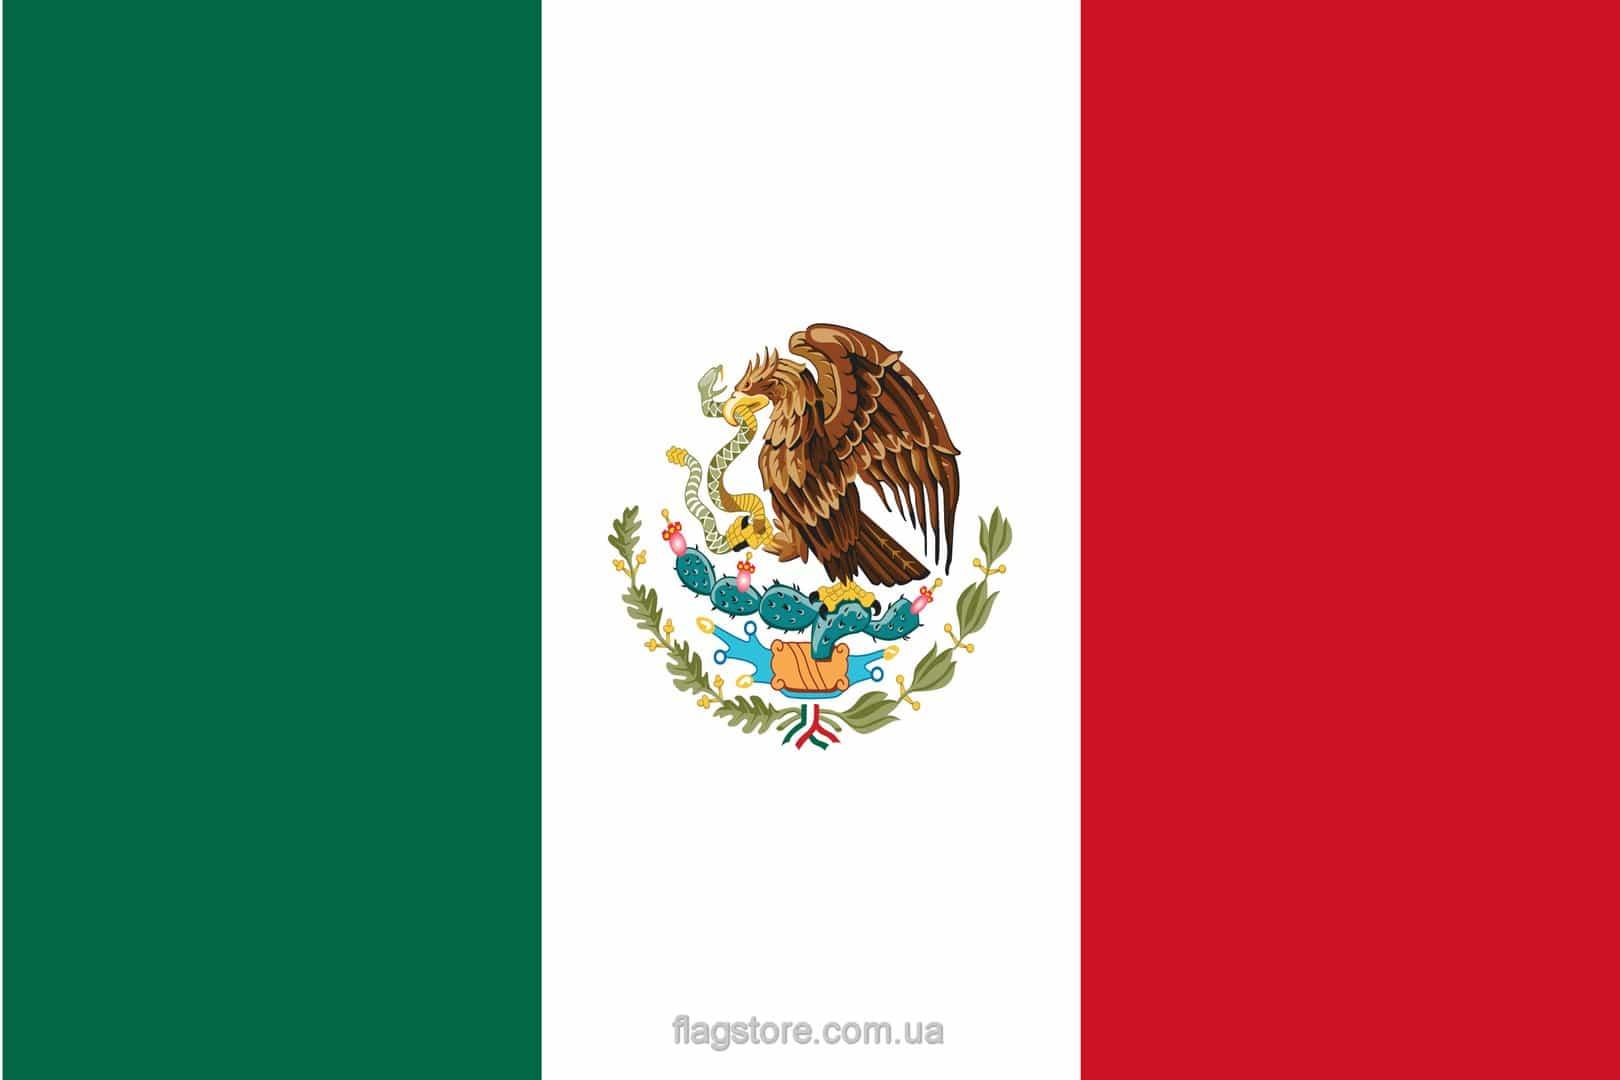 Купить флаг Мексики (страны Мексика)